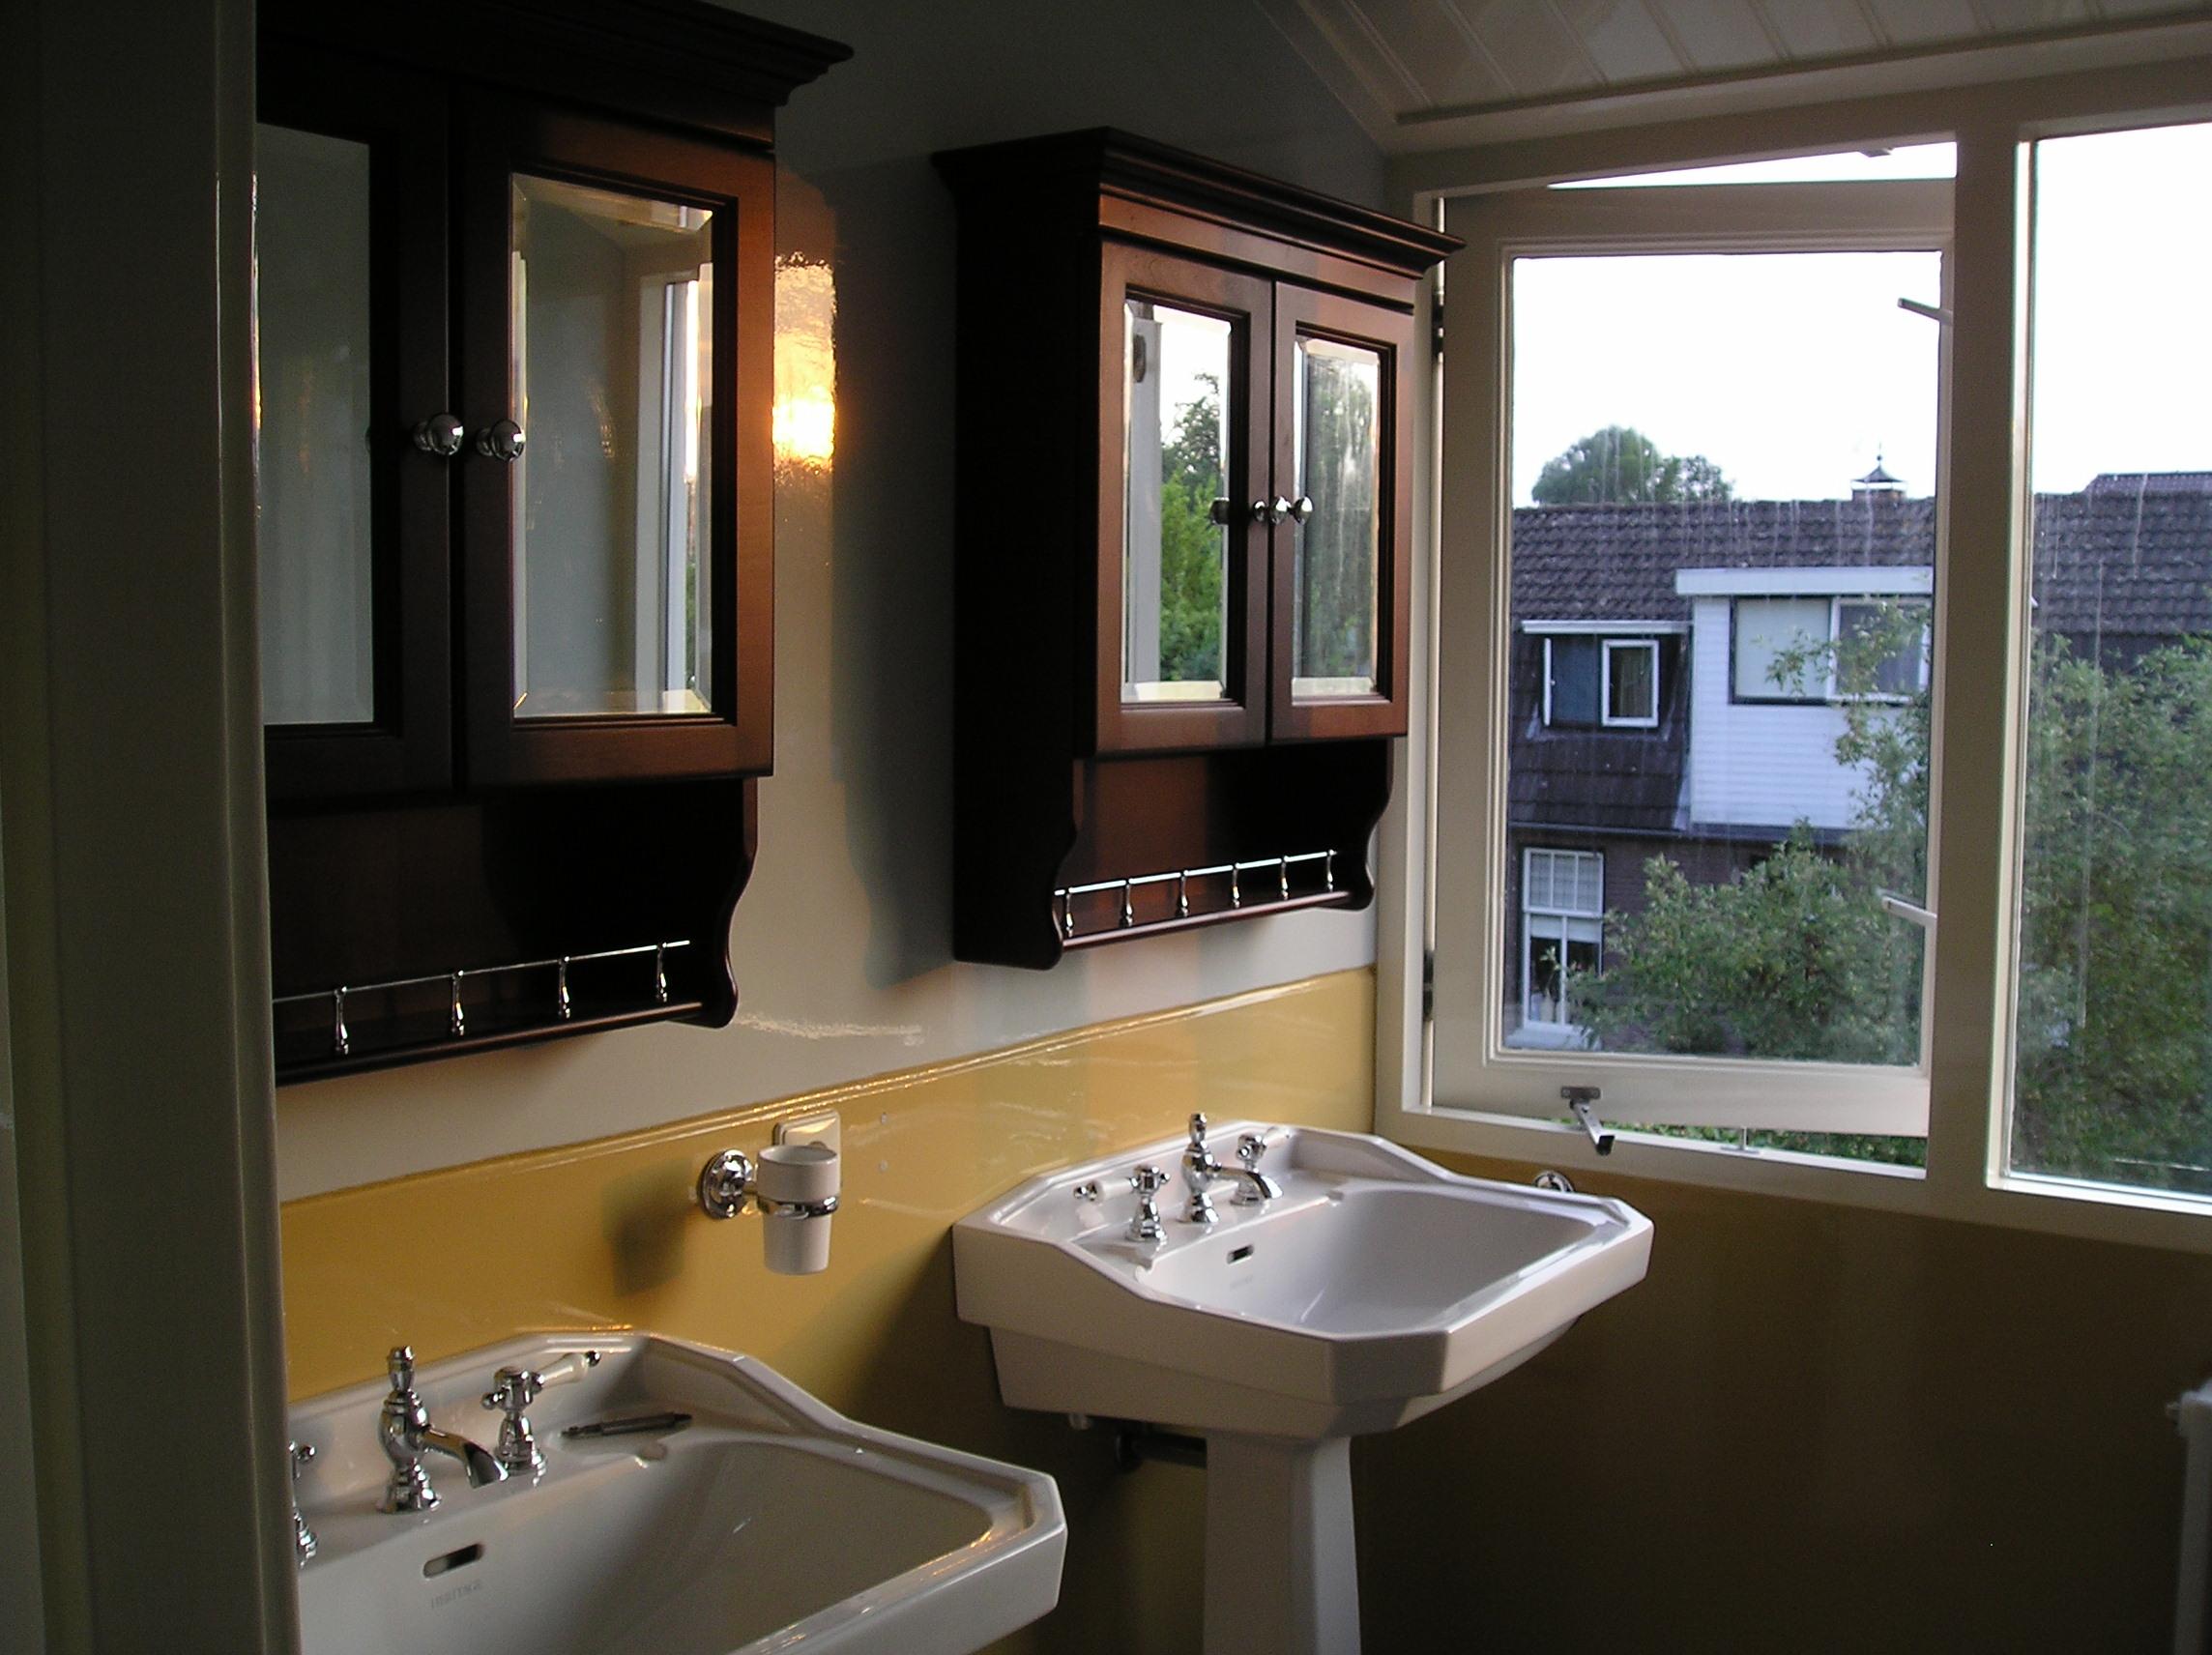 Badkamer oude bouwmaterialen - WJ Oude Bouwmaterialen